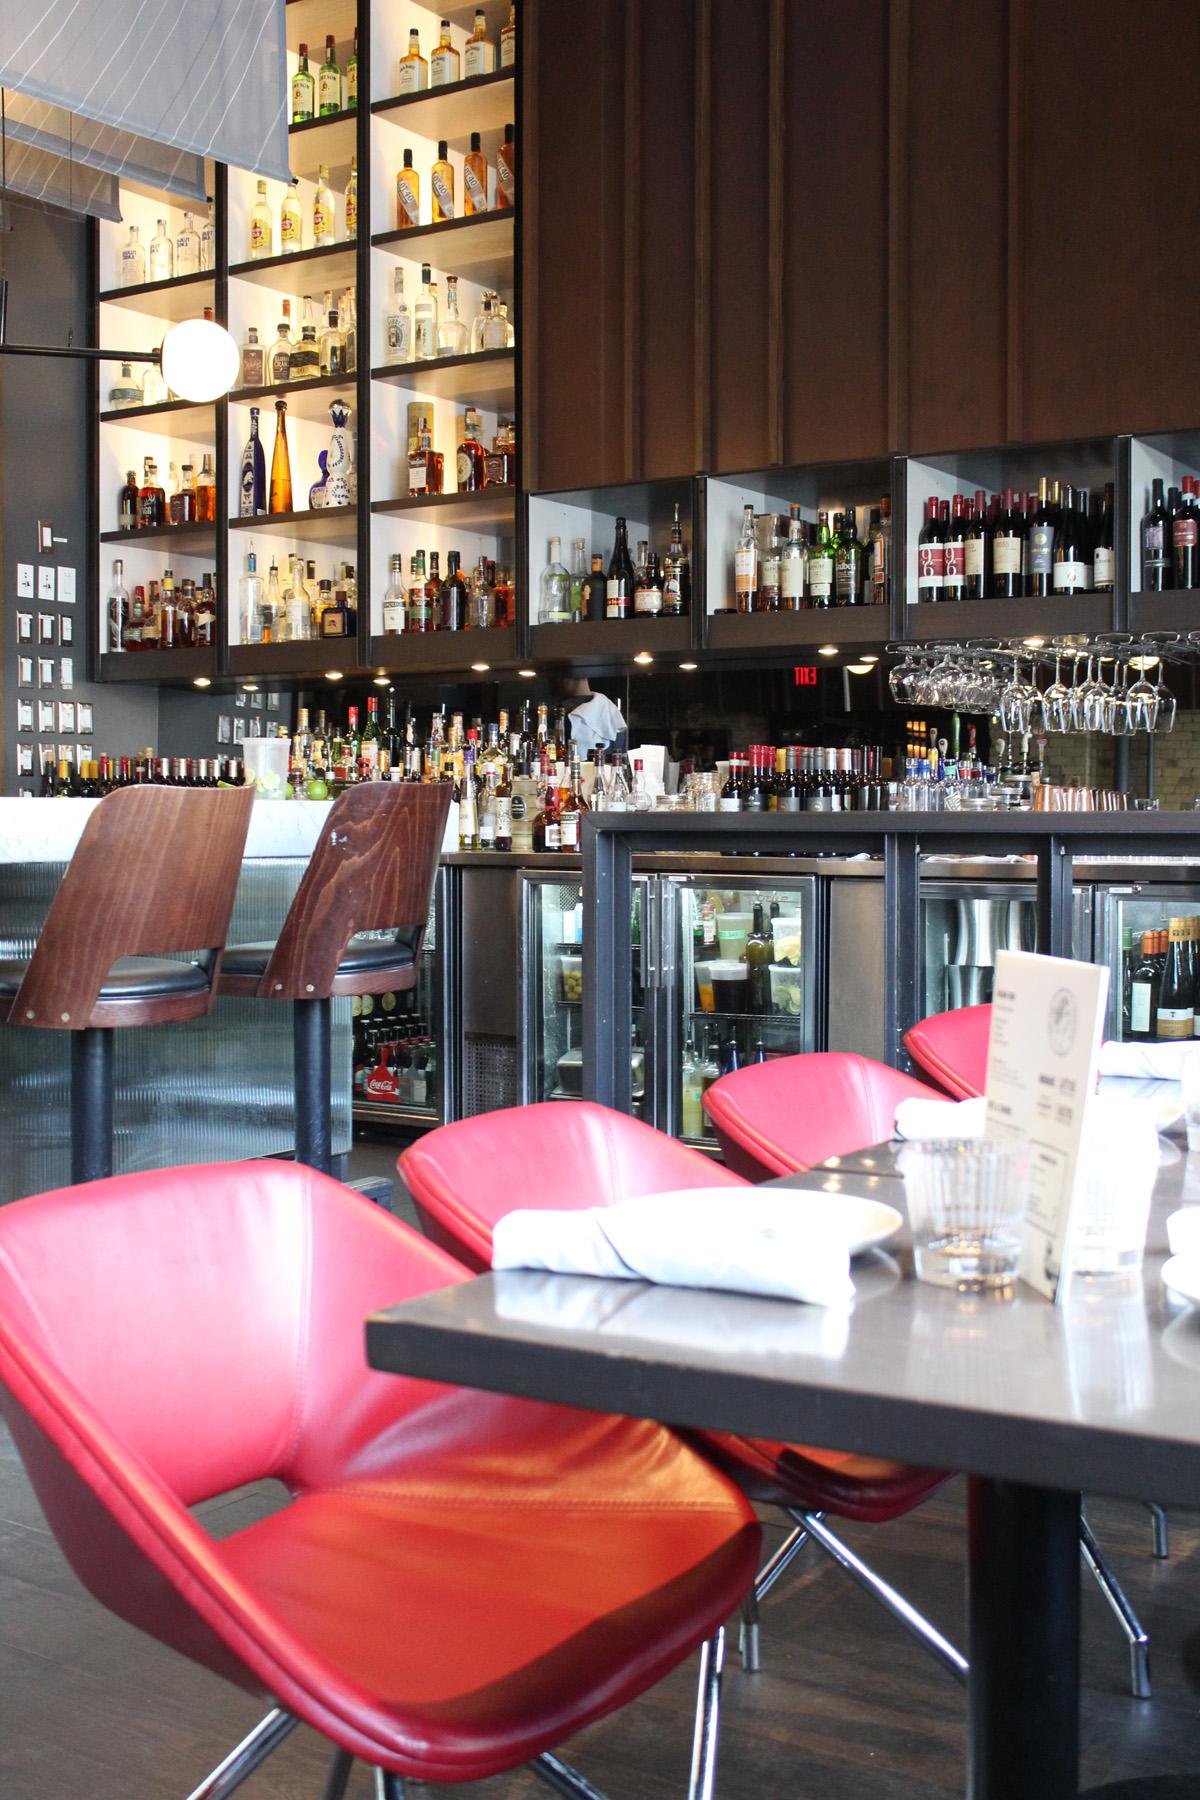 Bar at The Carbon Bar